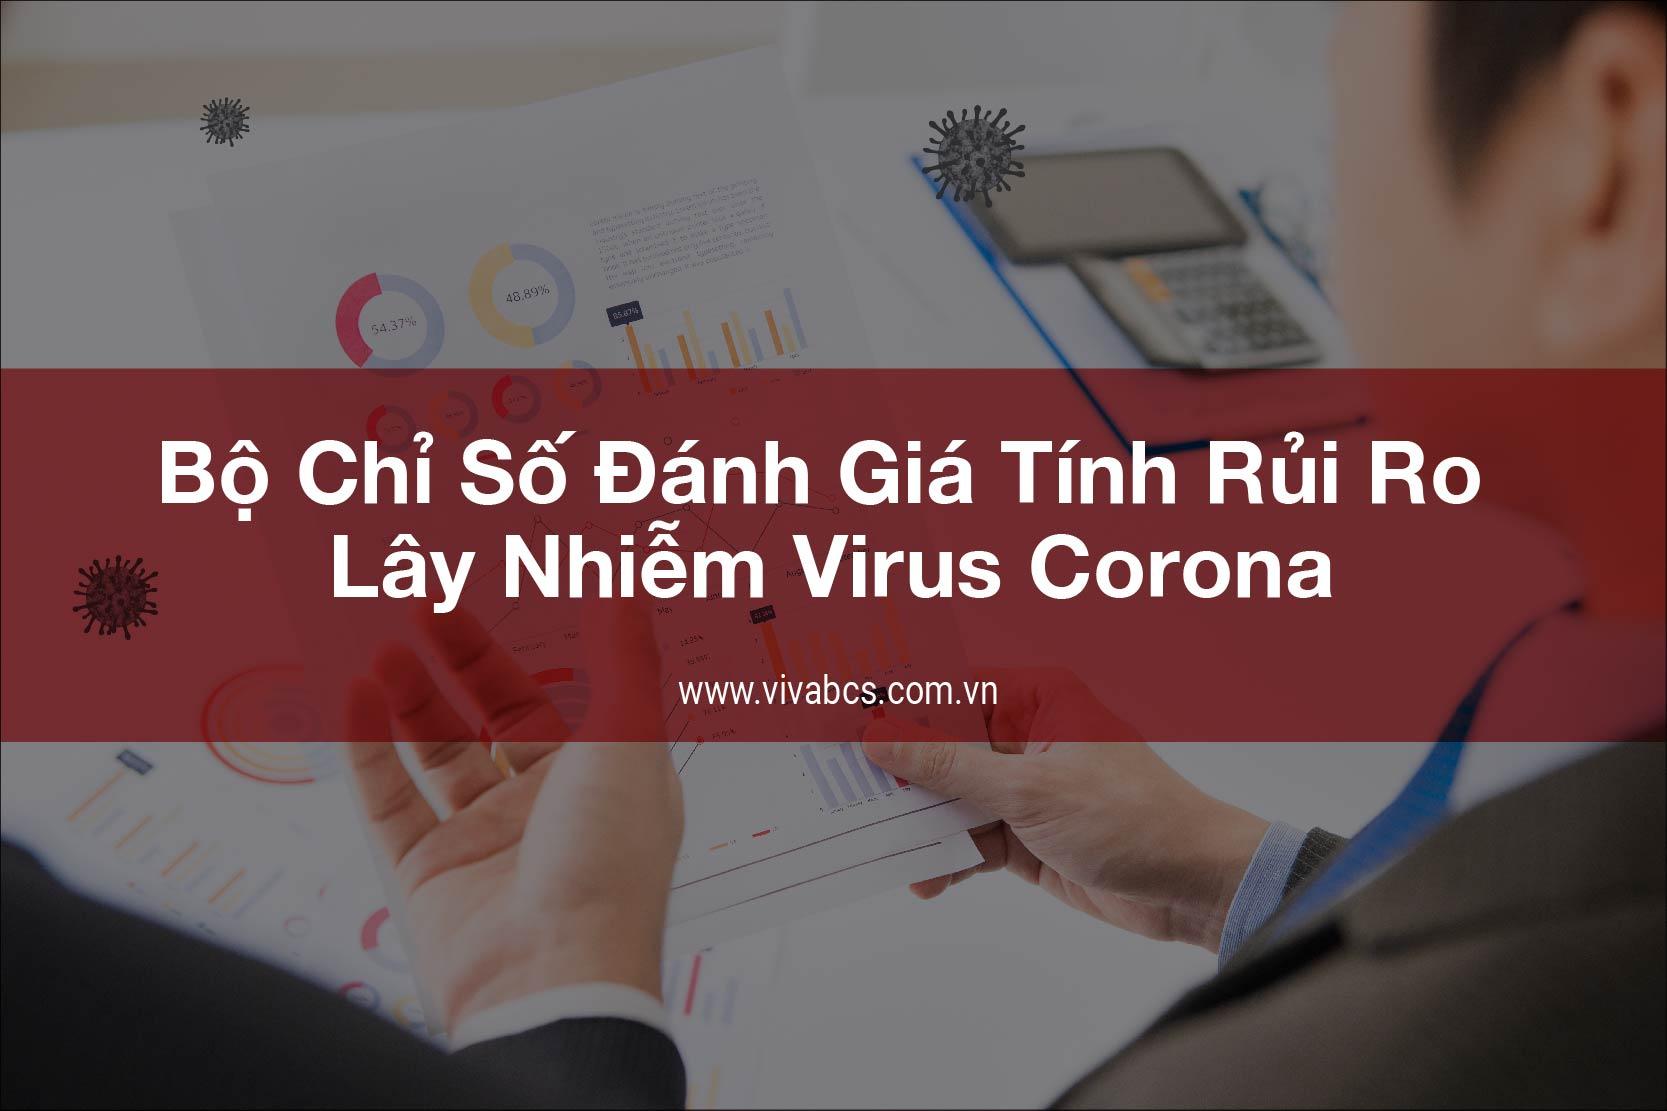 Bộ chỉ số lây nhiễm virus COVID của doanh nghiệp